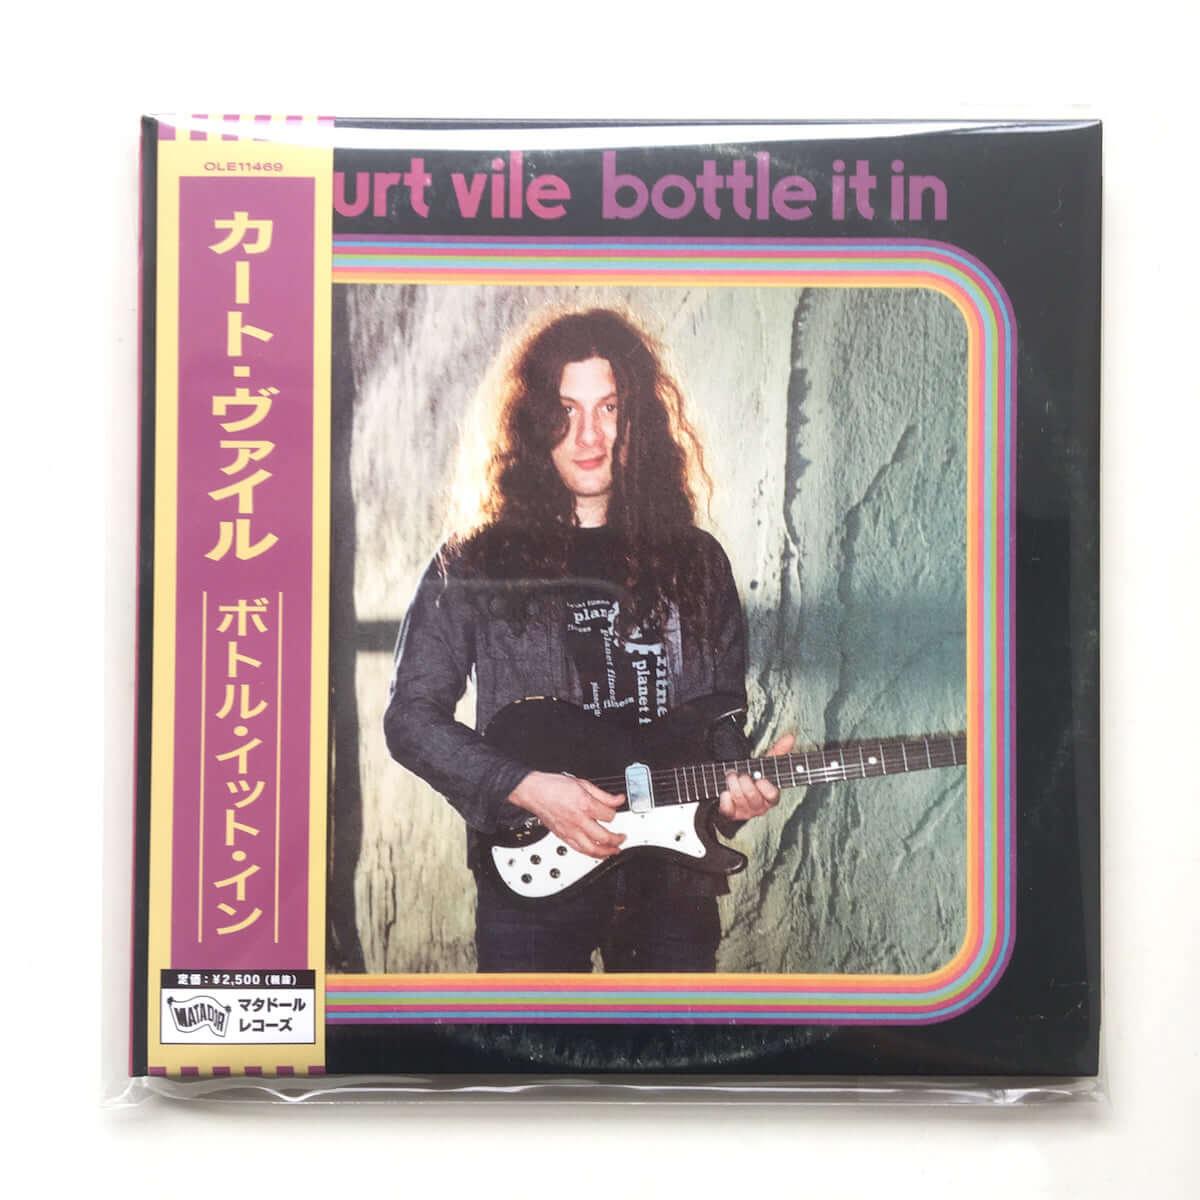 カート・ヴァイル、新作『Bottle It In』いよいよリリース! 国内盤CDはレコード風帯付のスペシャル仕様 music181011_kurtvile_2-1200x1200